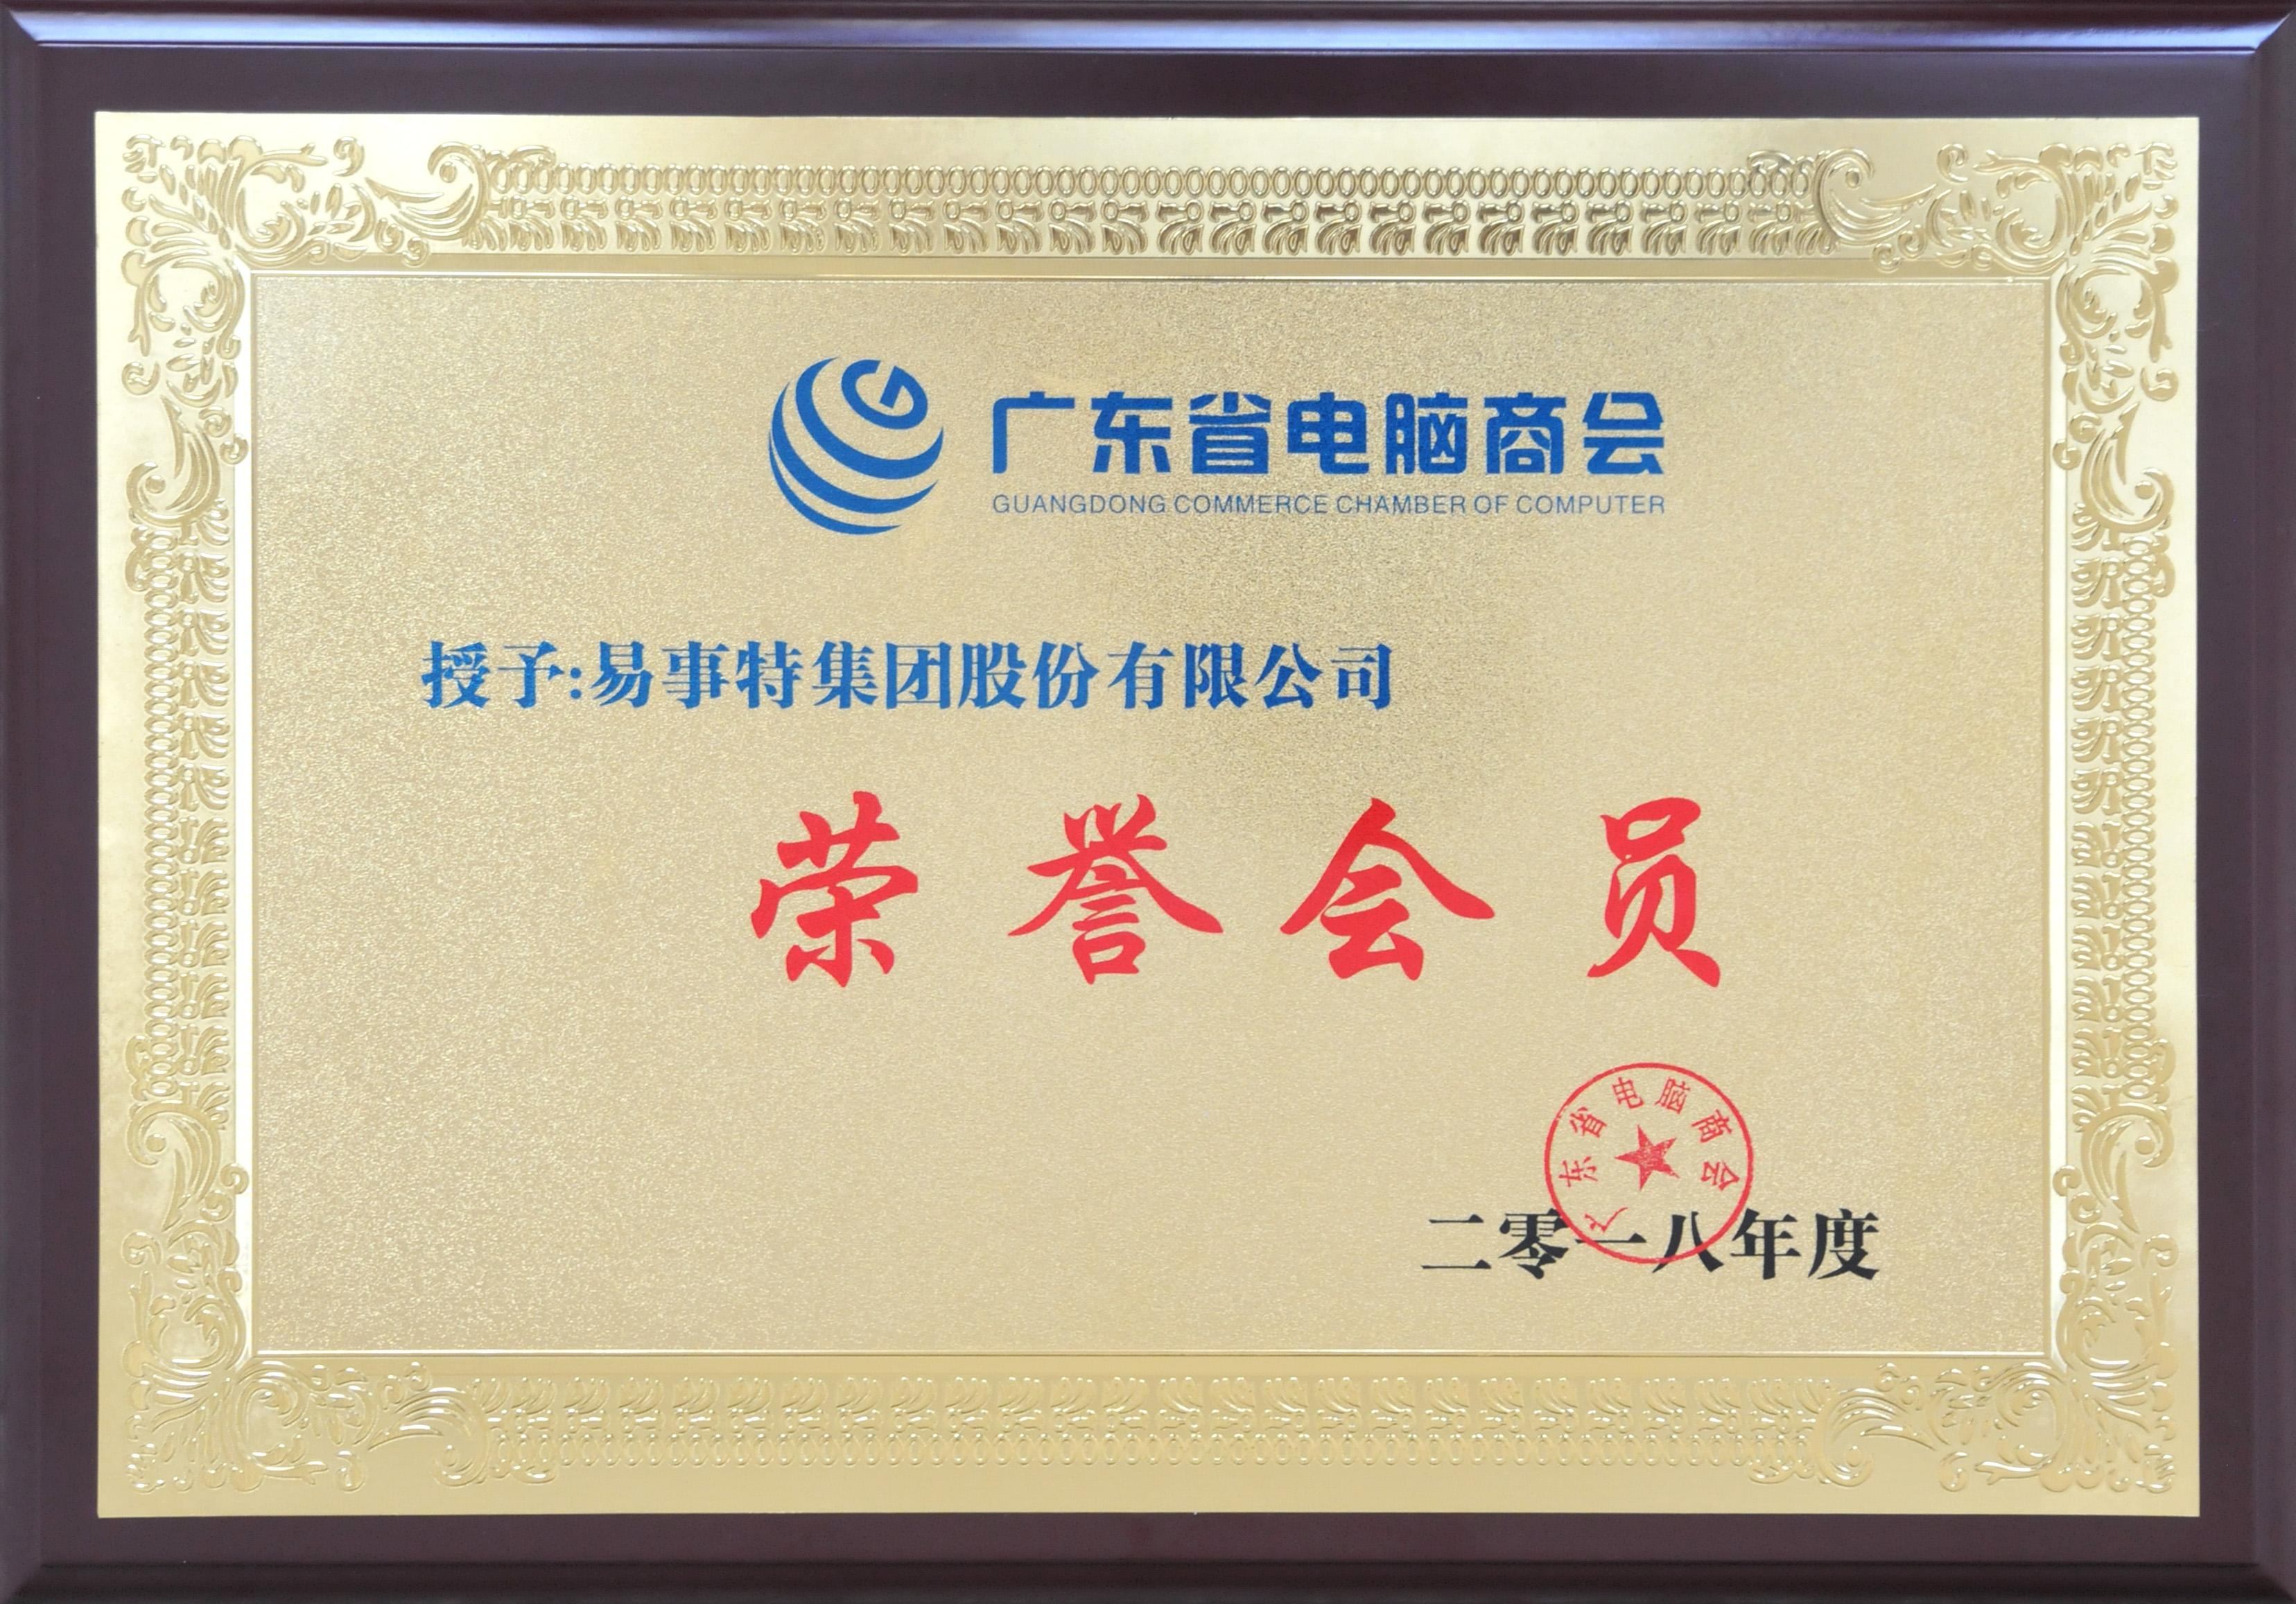 广东省电脑商会授予易事特 荣誉会员